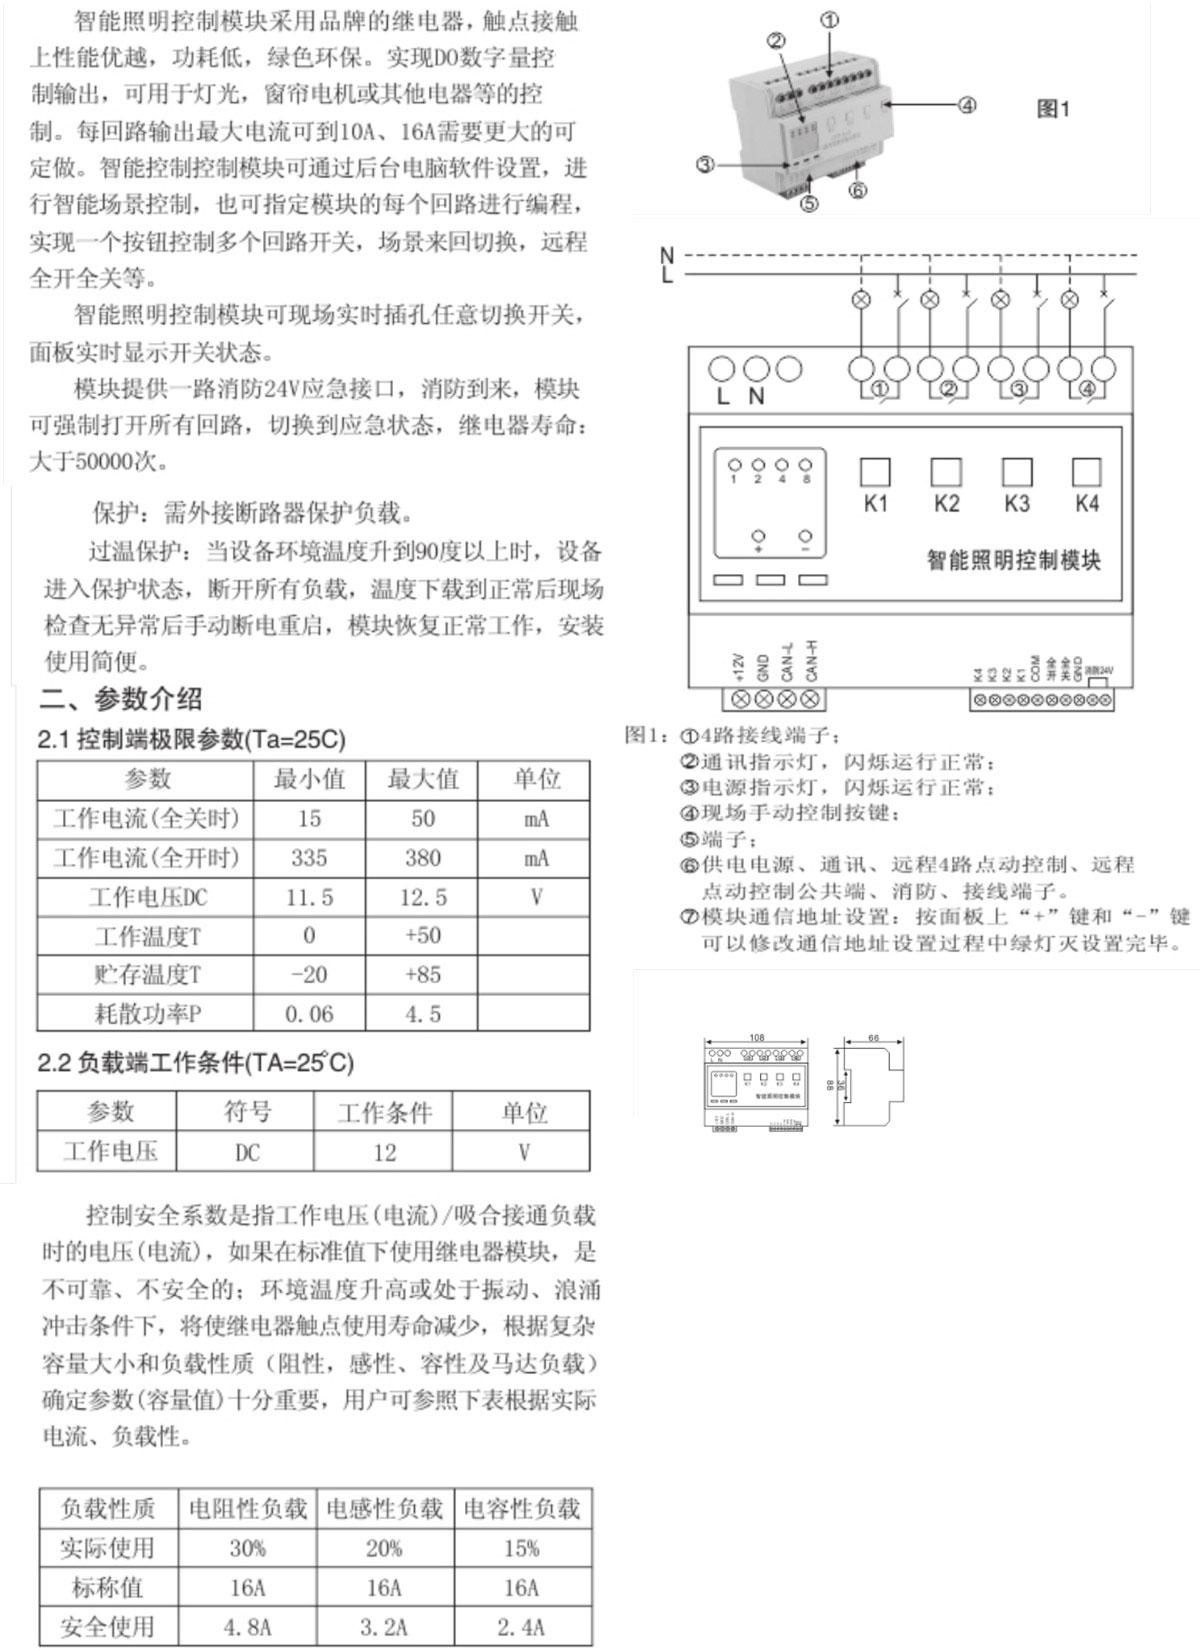 智能照明模块参数介绍及负载端工作条件